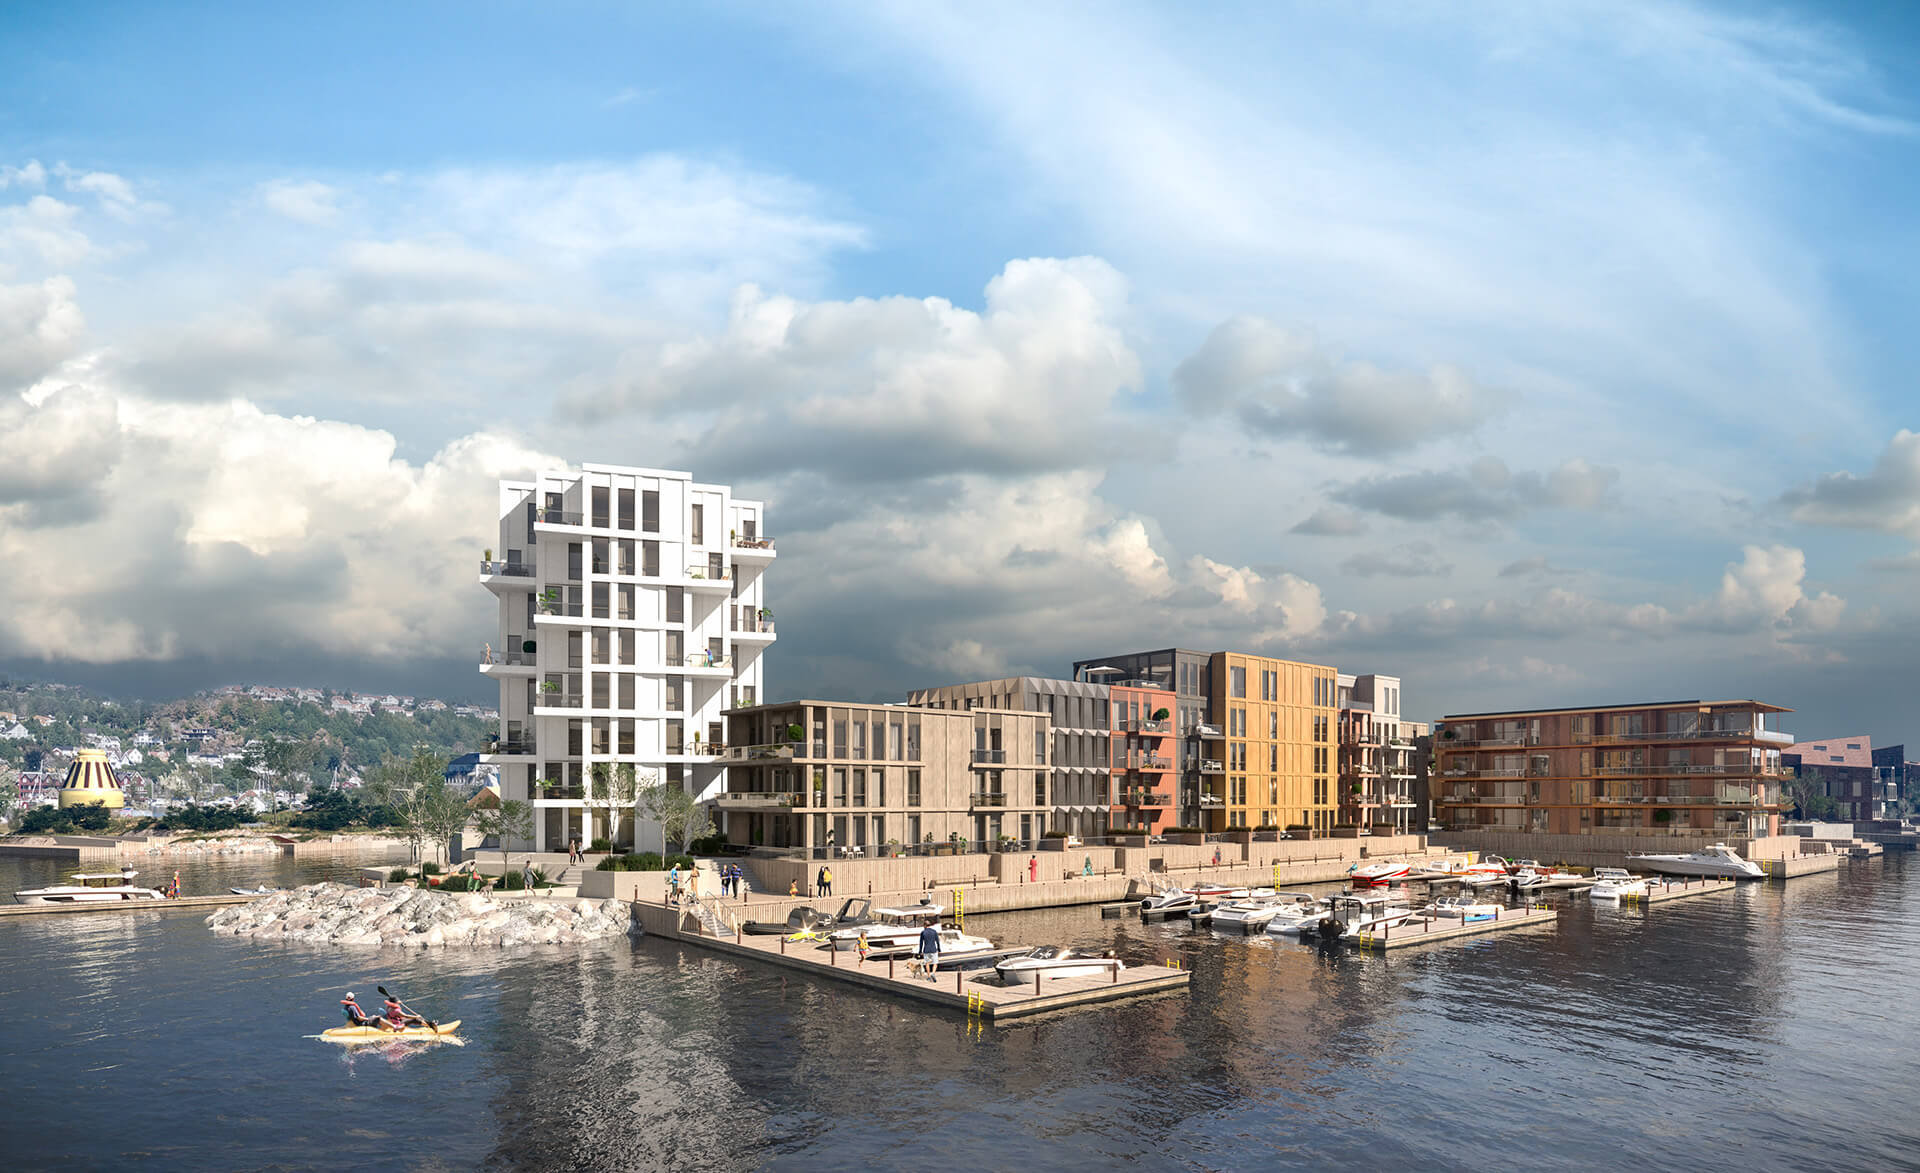 Bryggebyen ligger ved sjøkanten på Vindholmen. Utenfor døren venter brygga, båten og badeplassene. (Illustrasjonsbilde. Endringer kan forekomme.)